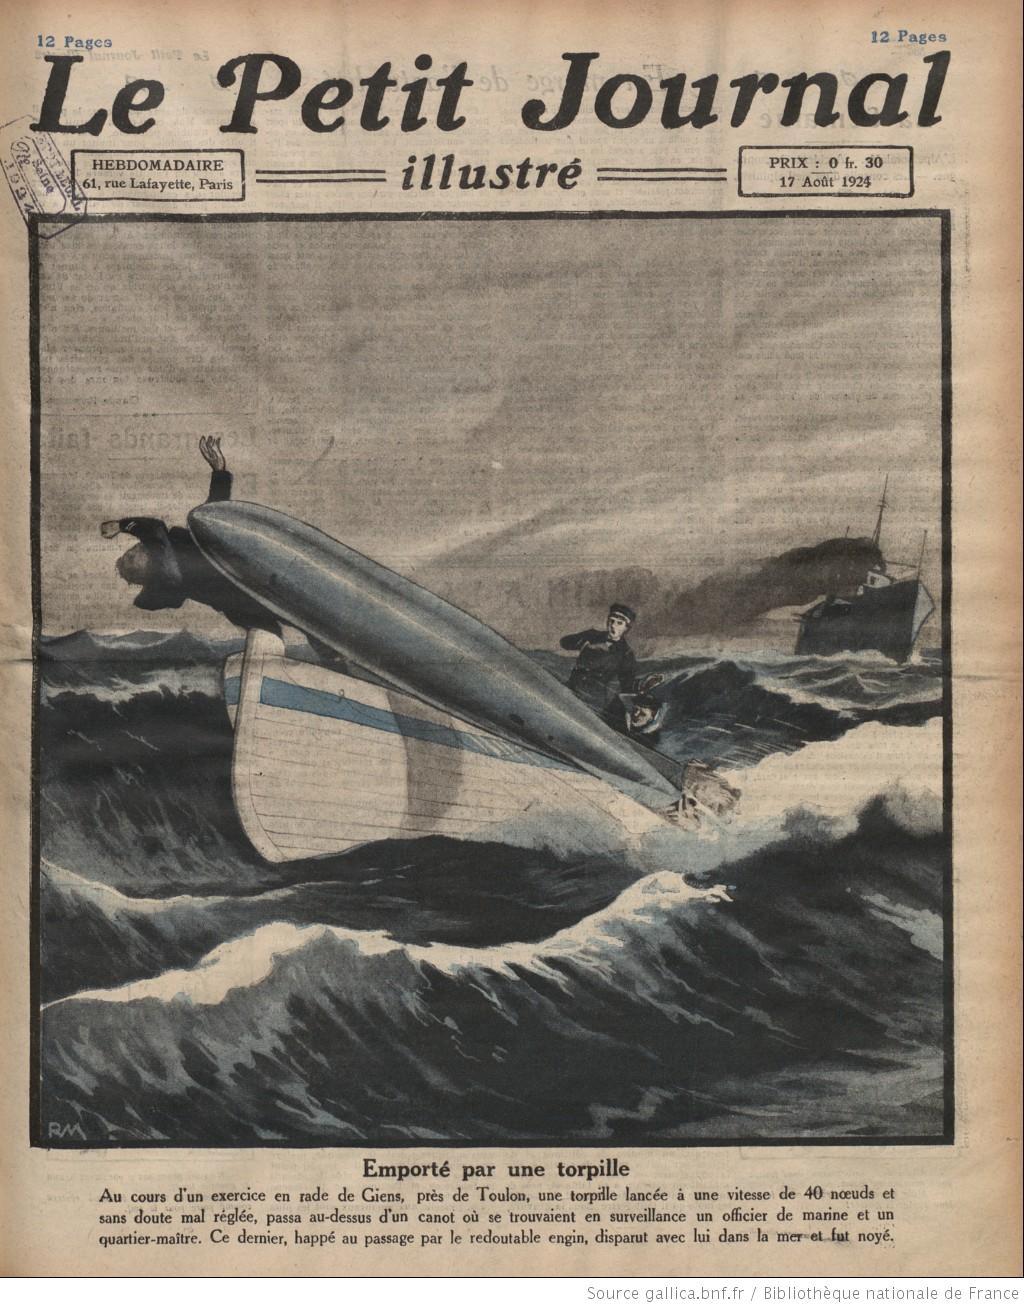 Các họa sĩ xưa dự đoán, nếu không nghiên cứu kĩ càng, ngư lôi sẽ là thảm họa trong quân đội thời tương lai.